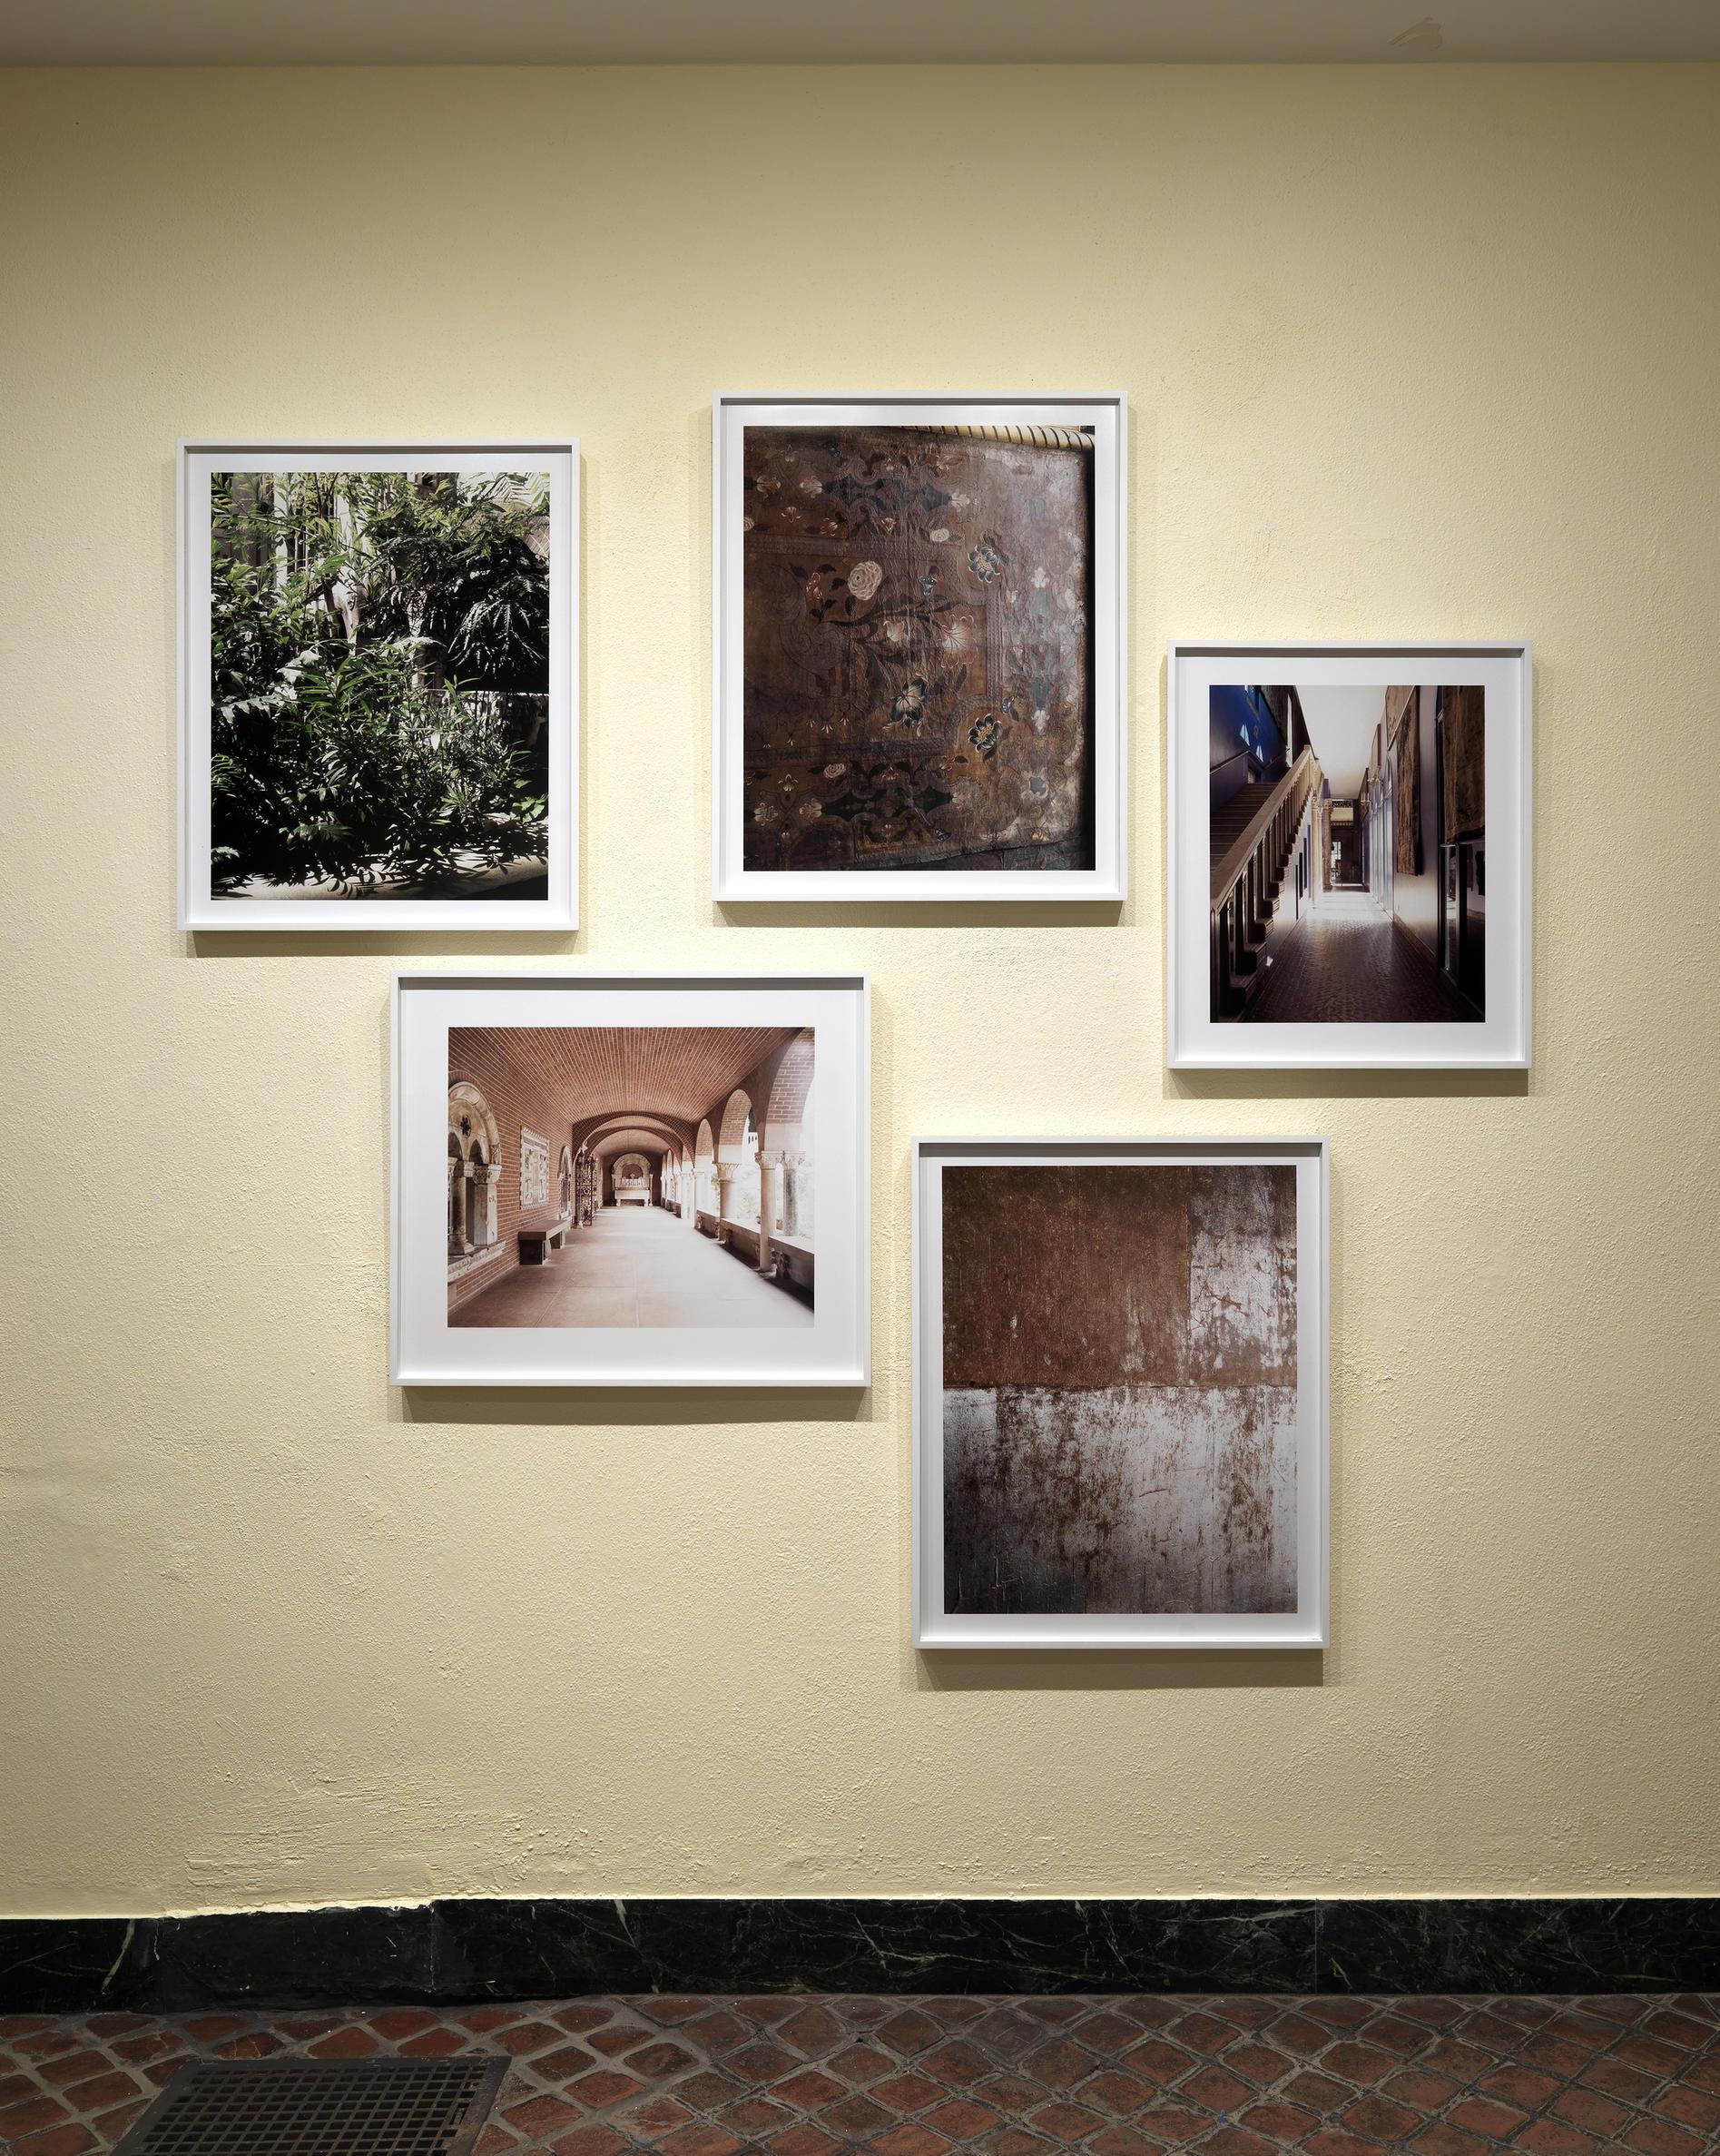 Luisa Lambri, Portrait, fall installation. September 11-October 15, 2012, Isabella Stewart Gardner Museum, Boston.